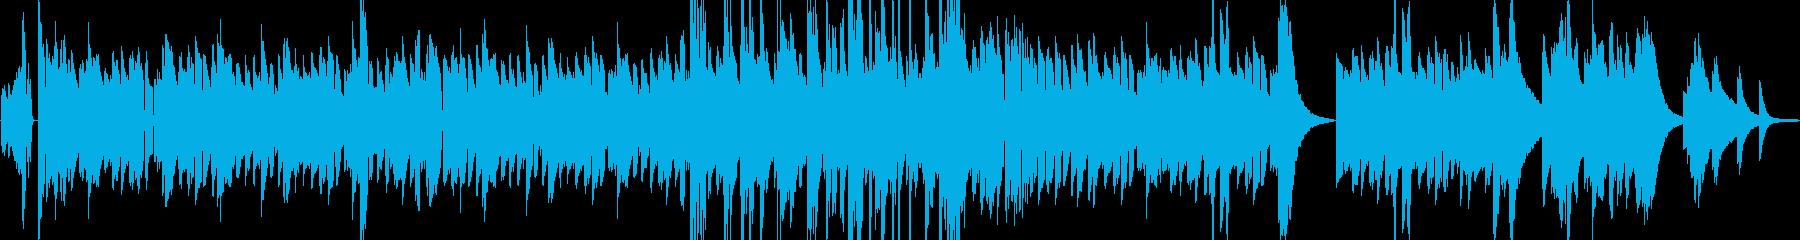 JIINO/オシャレなブルースの再生済みの波形